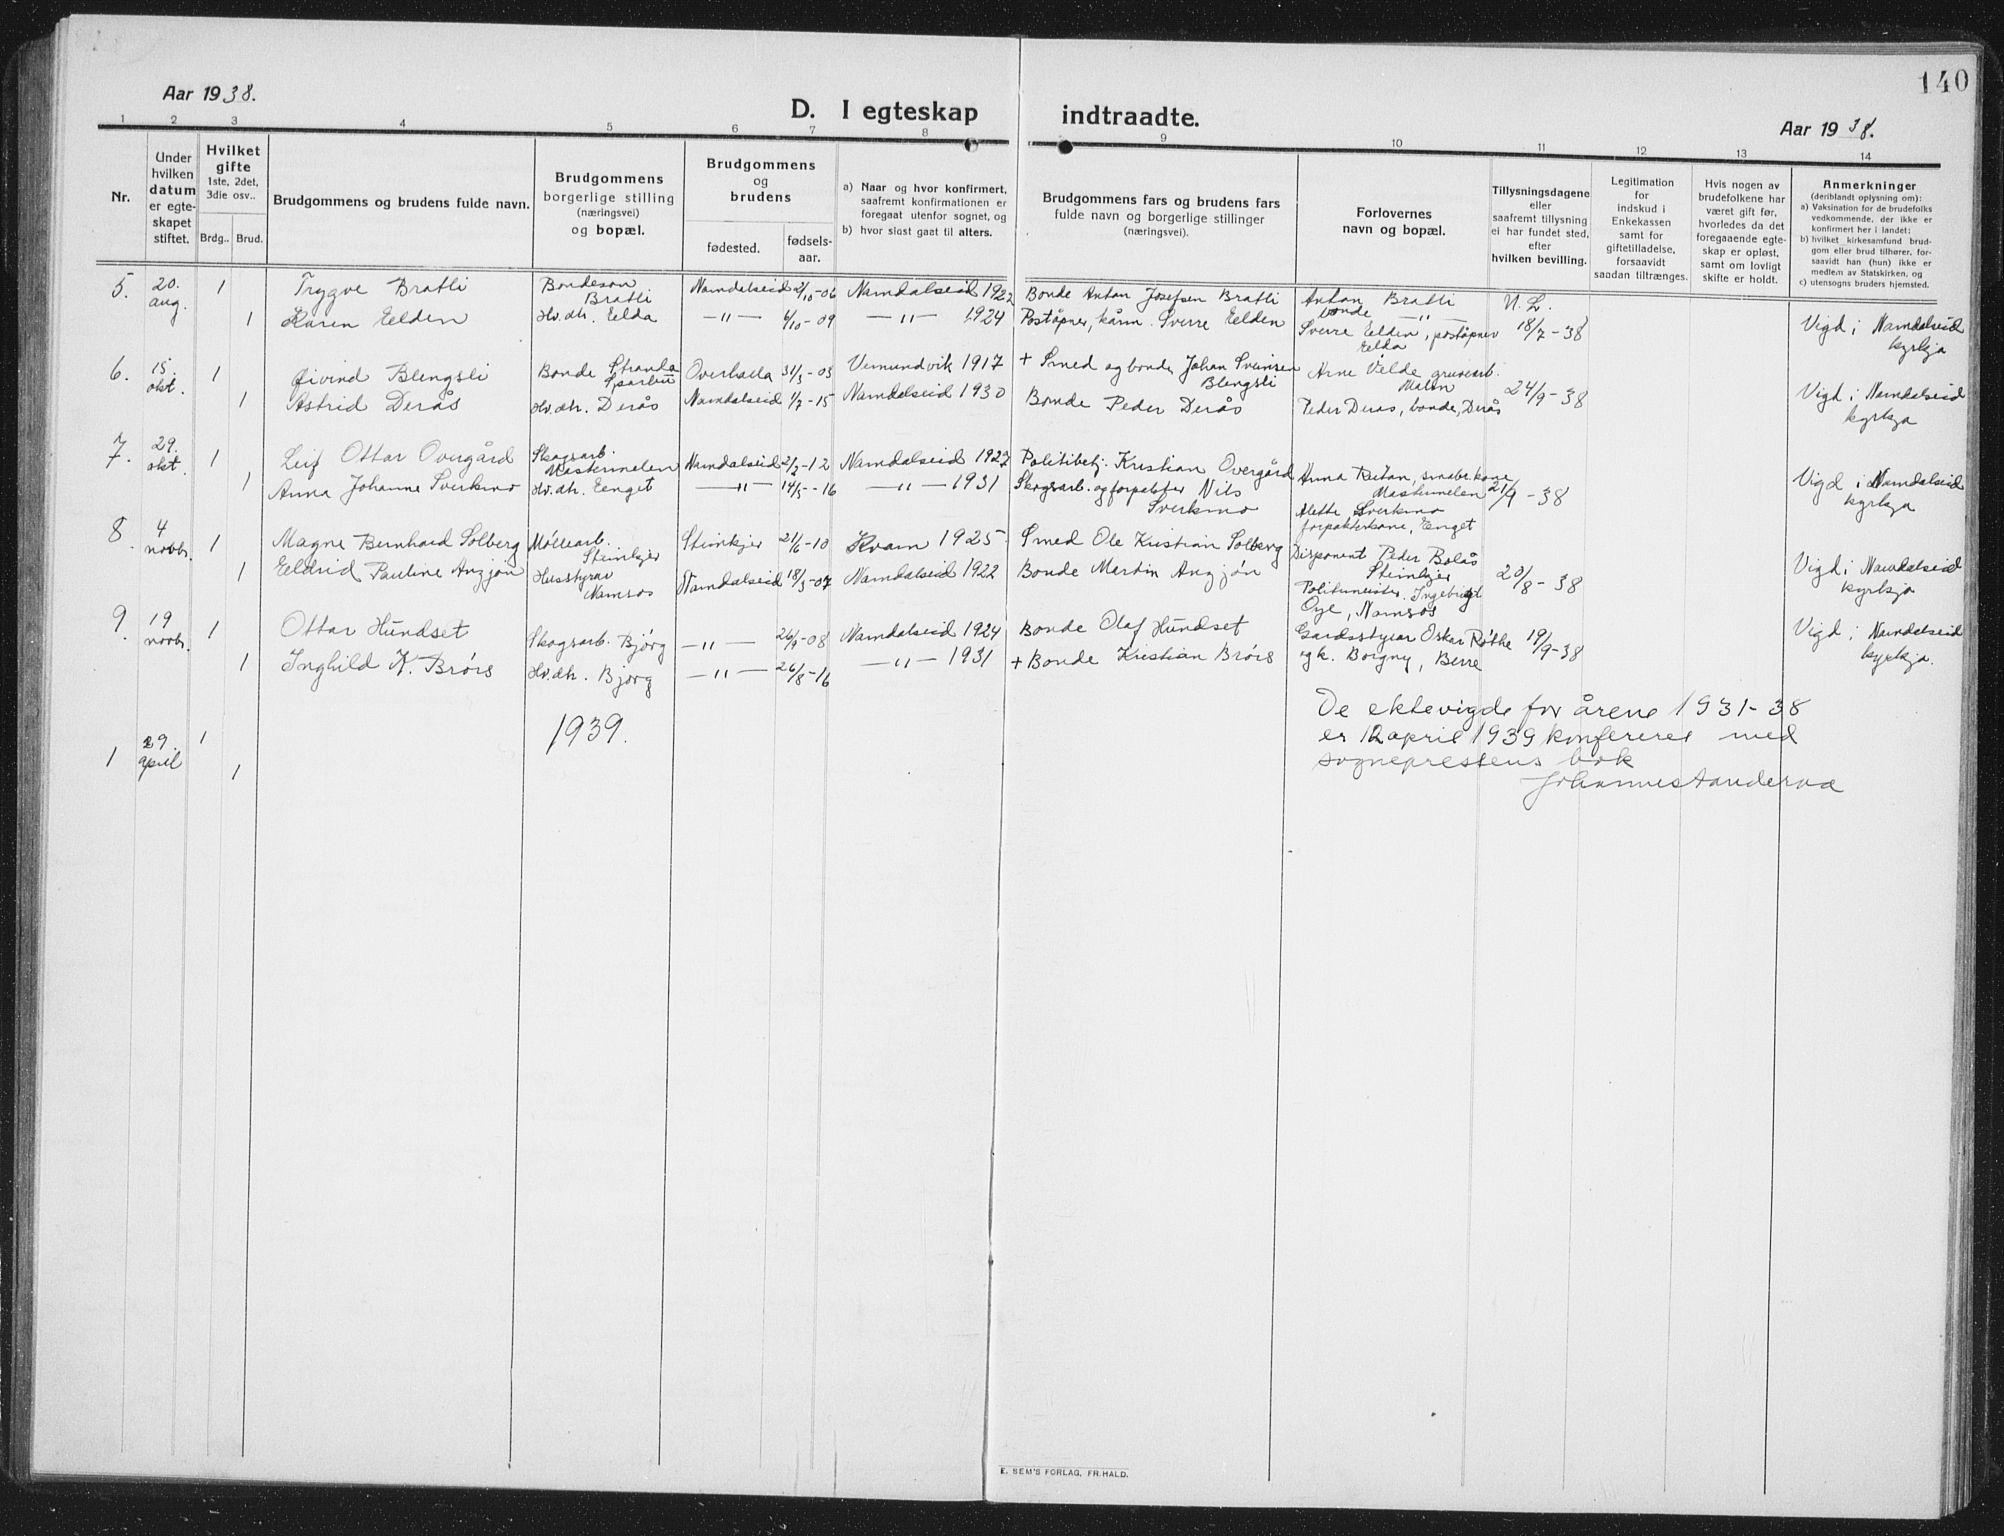 SAT, Ministerialprotokoller, klokkerbøker og fødselsregistre - Nord-Trøndelag, 742/L0413: Klokkerbok nr. 742C04, 1911-1938, s. 140